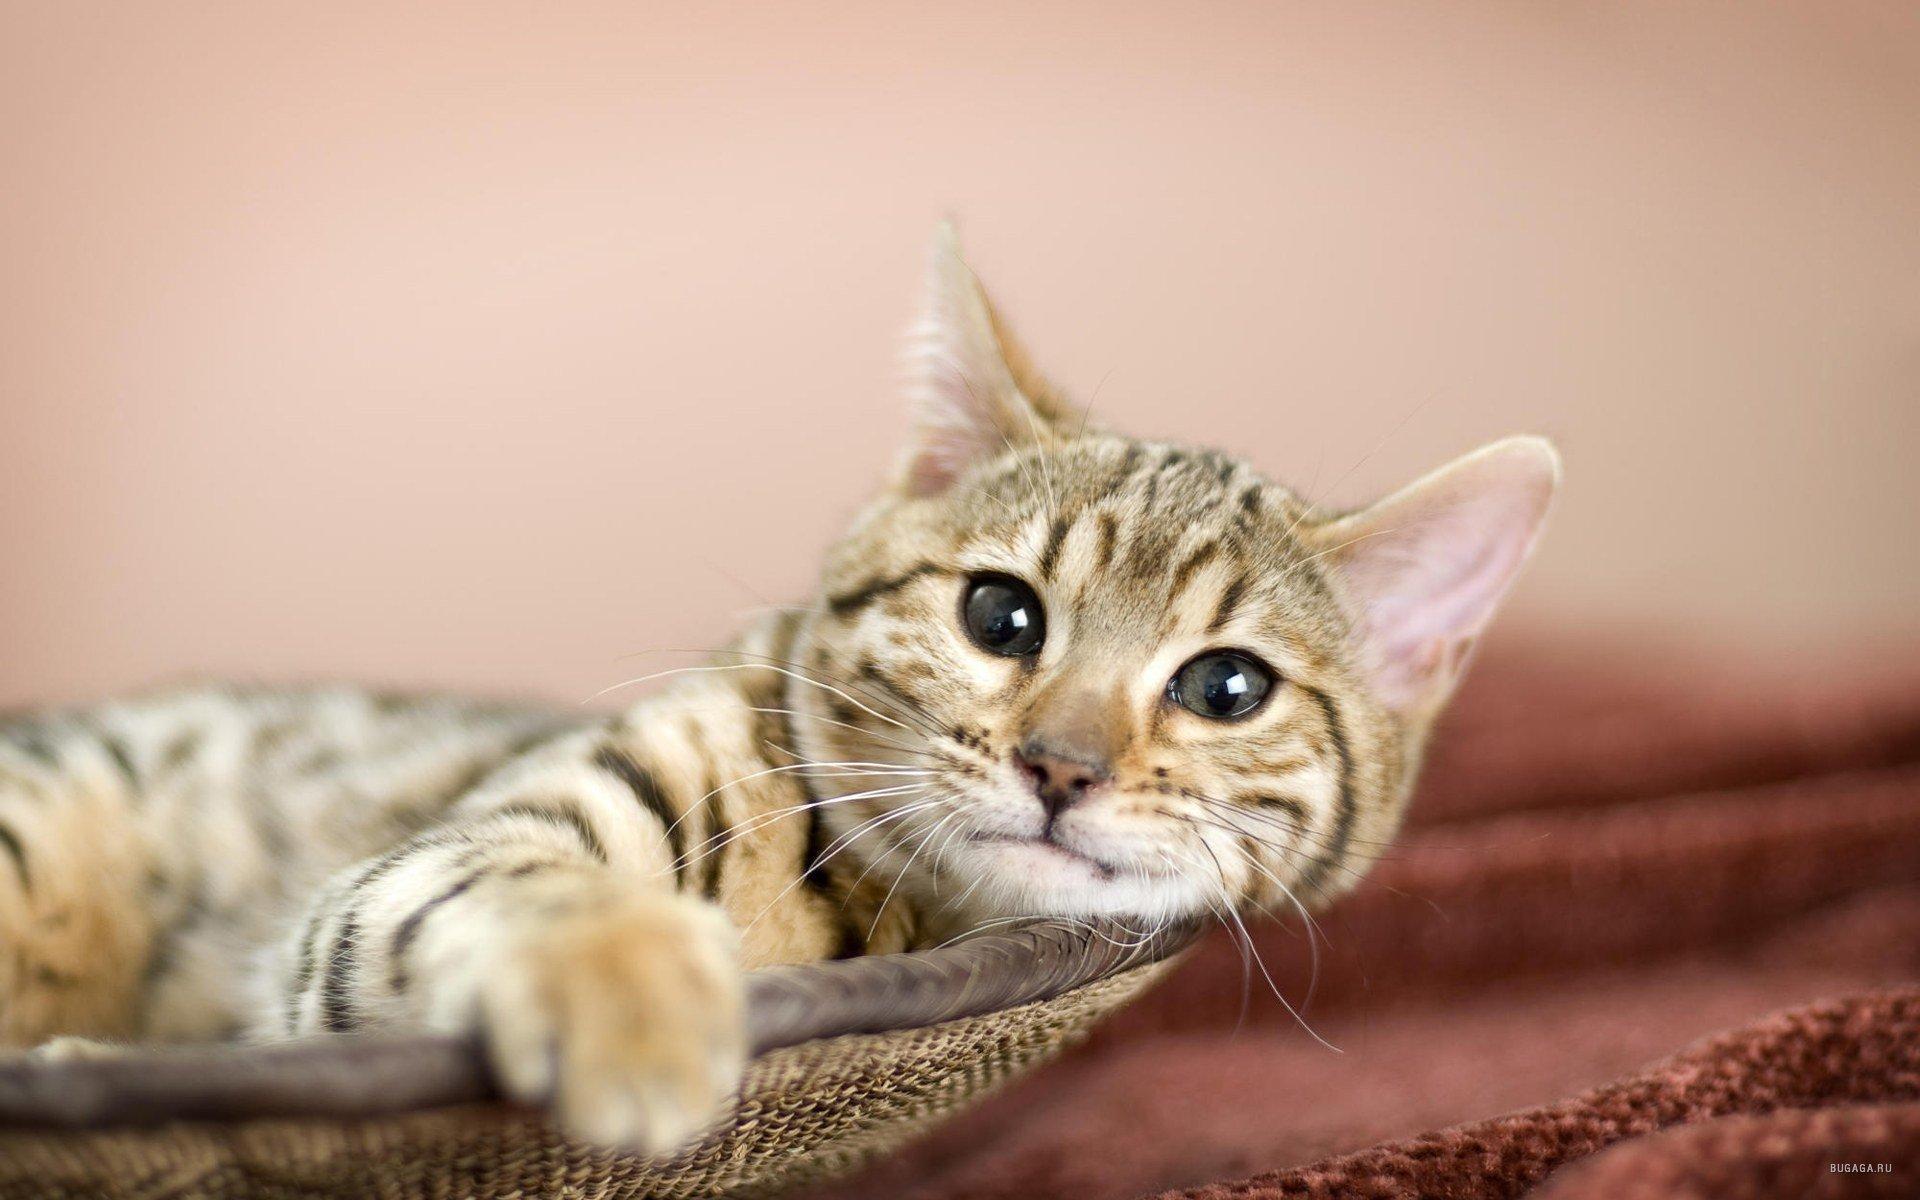 Открытки онлайн, картинки прикольных котят на рабочий стол